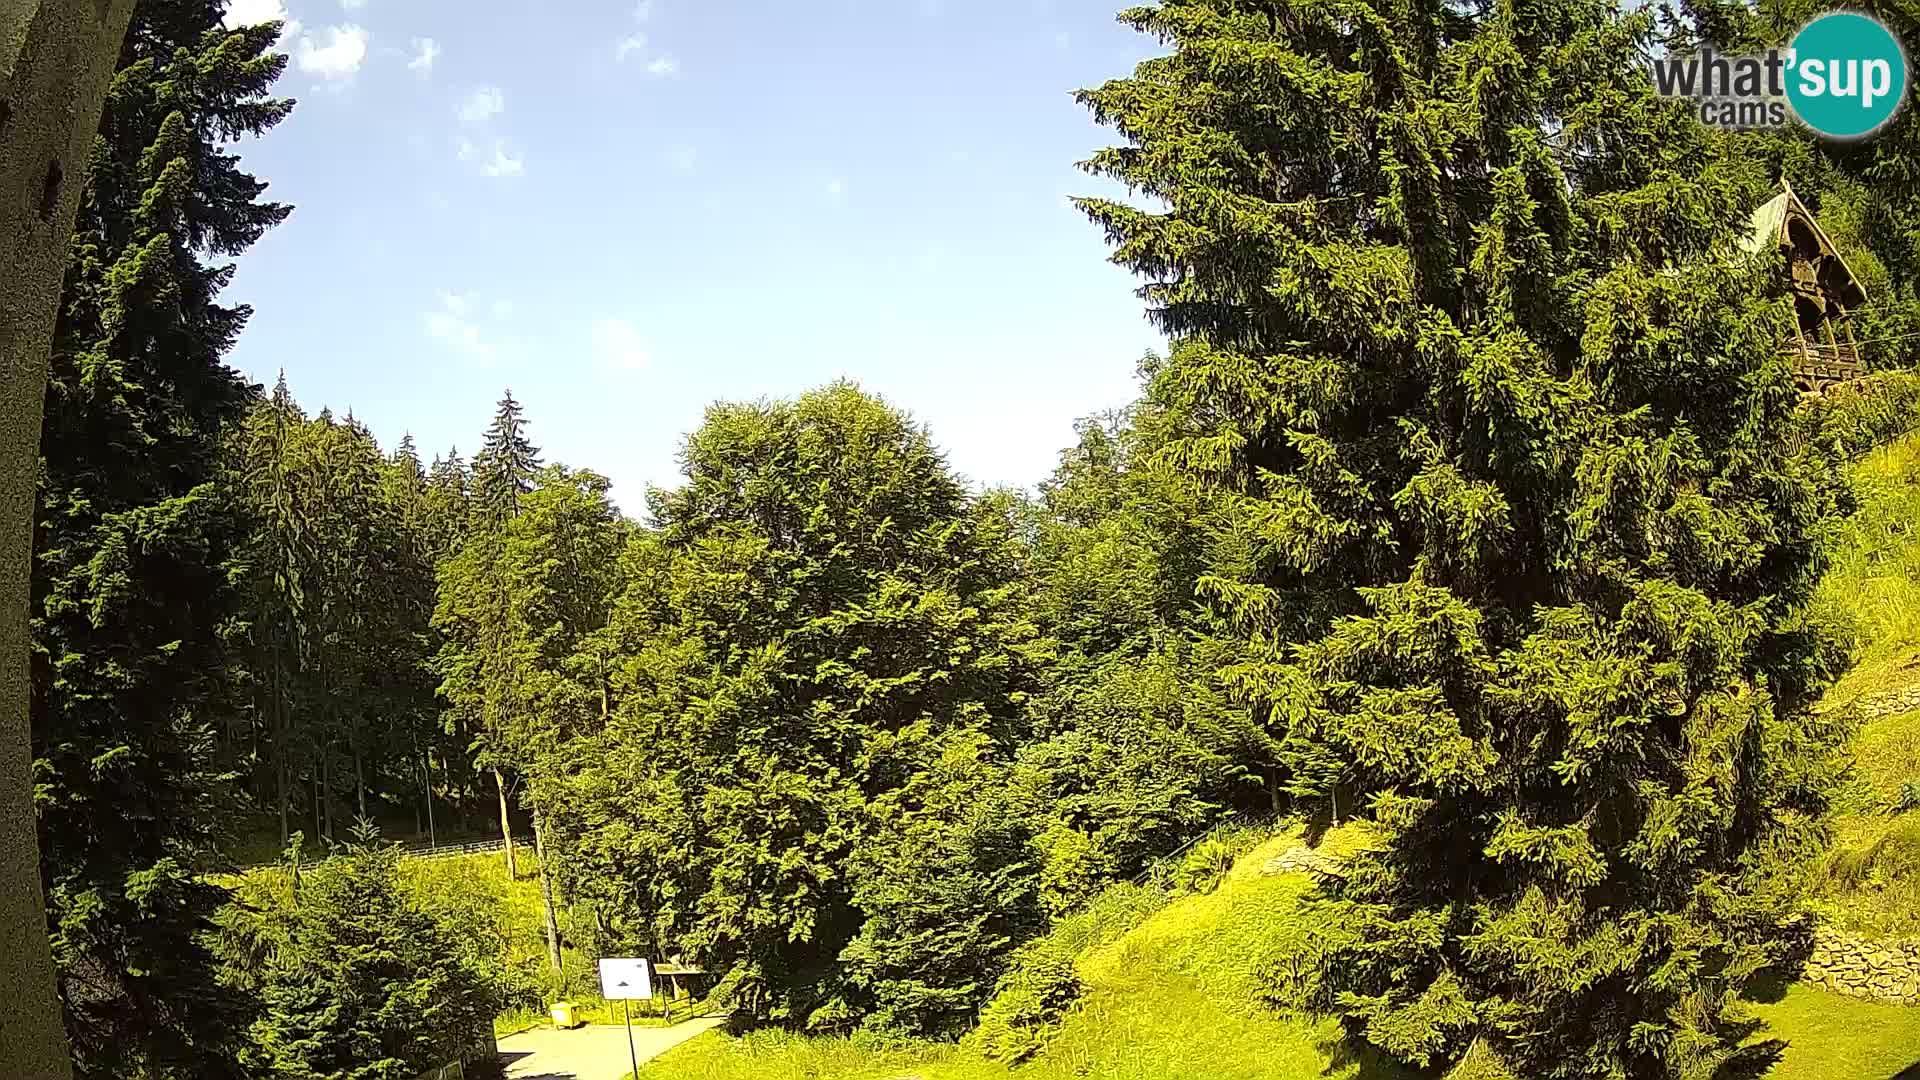 Web kamera Spalona – skijaški center u živo planine Bystrzycki